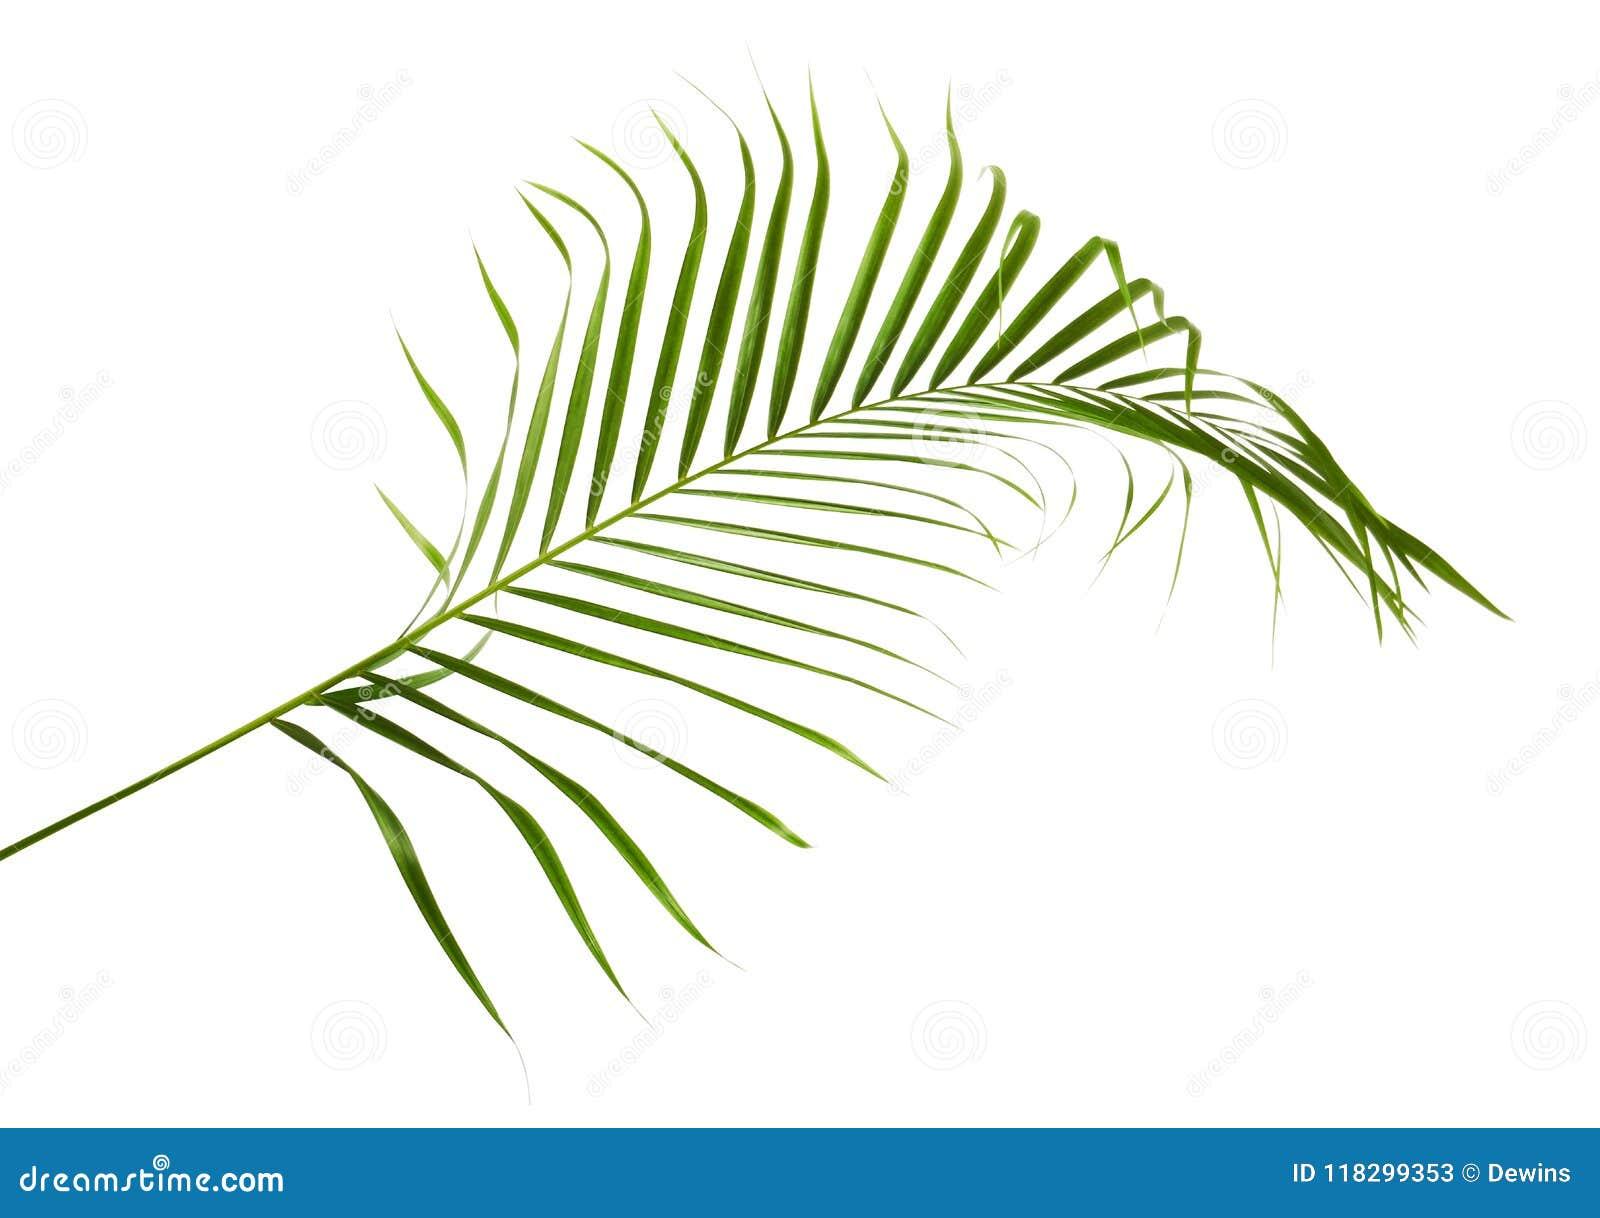 黄色棕榈叶Dypsis lutescens或金黄藤茎棕榈,槟榔树棕榈叶,在白色背景隔绝的热带叶子